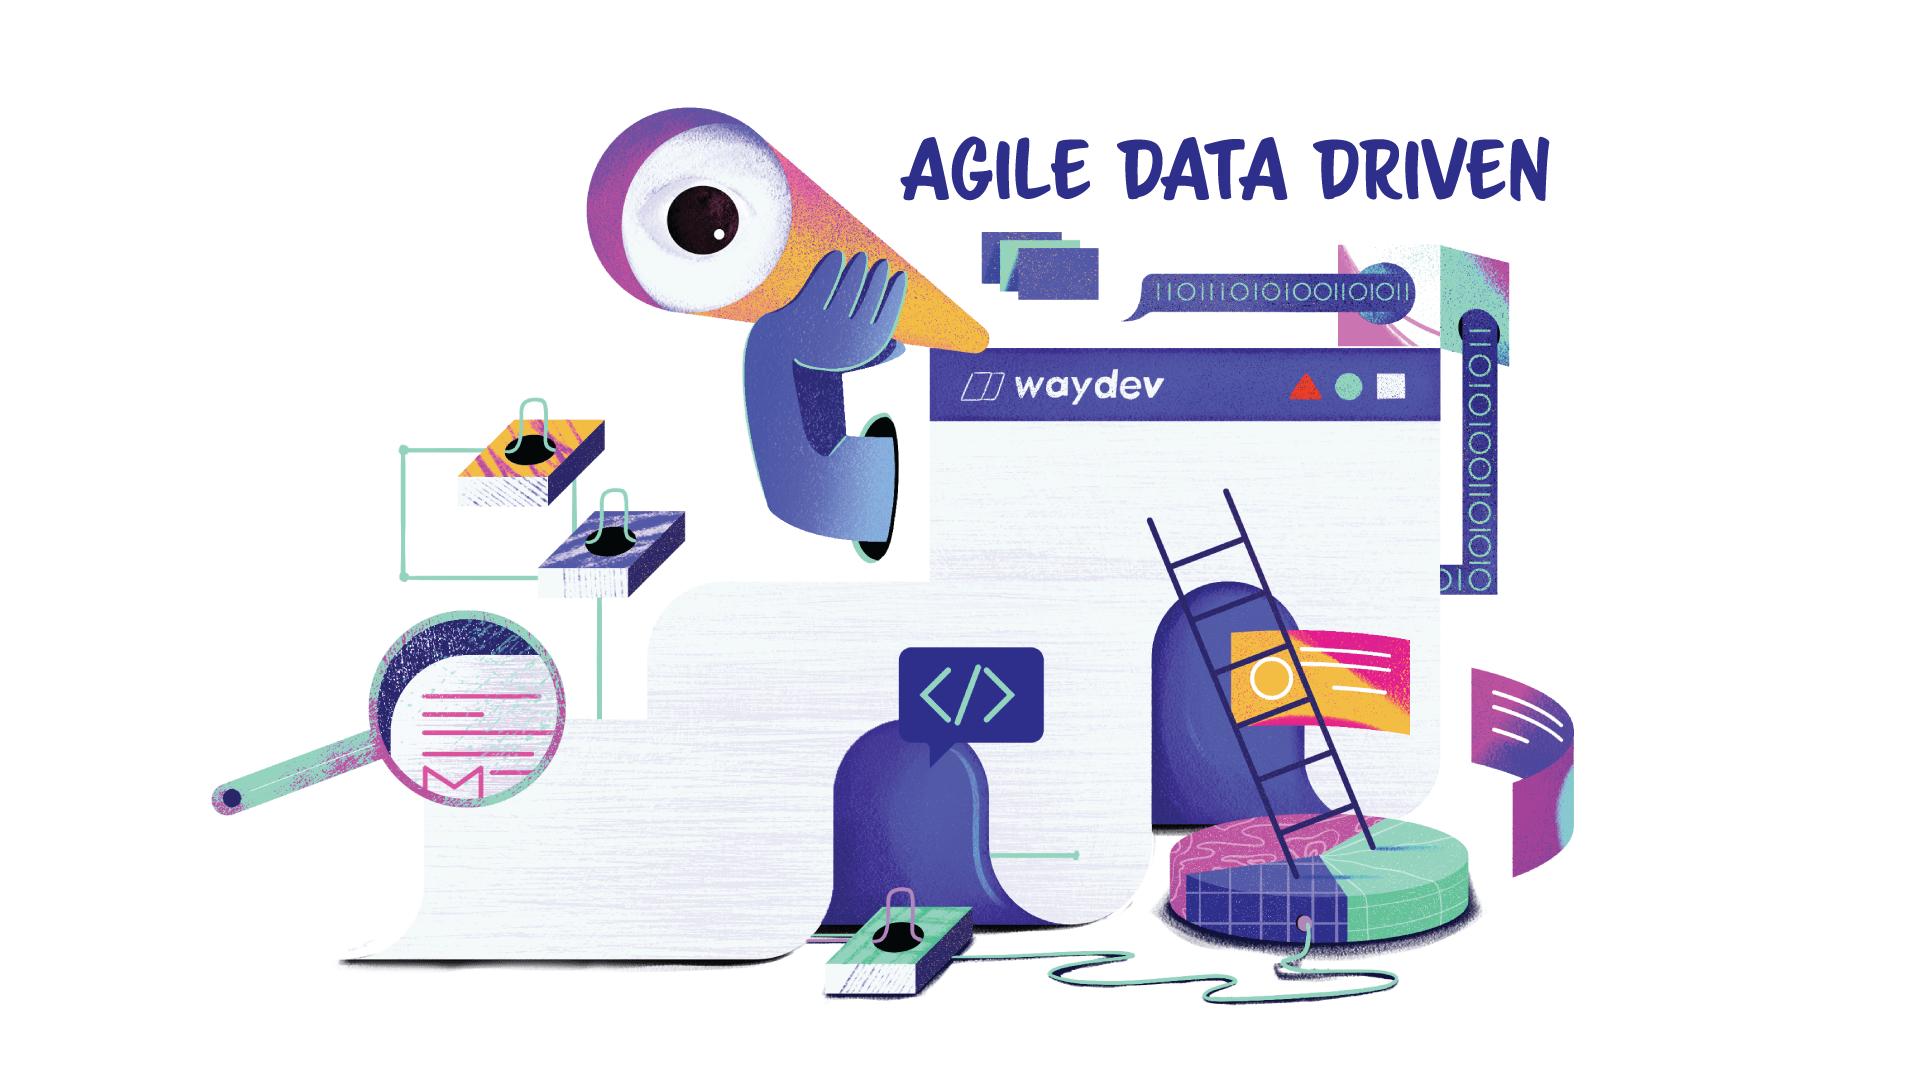 Agile Data Driven